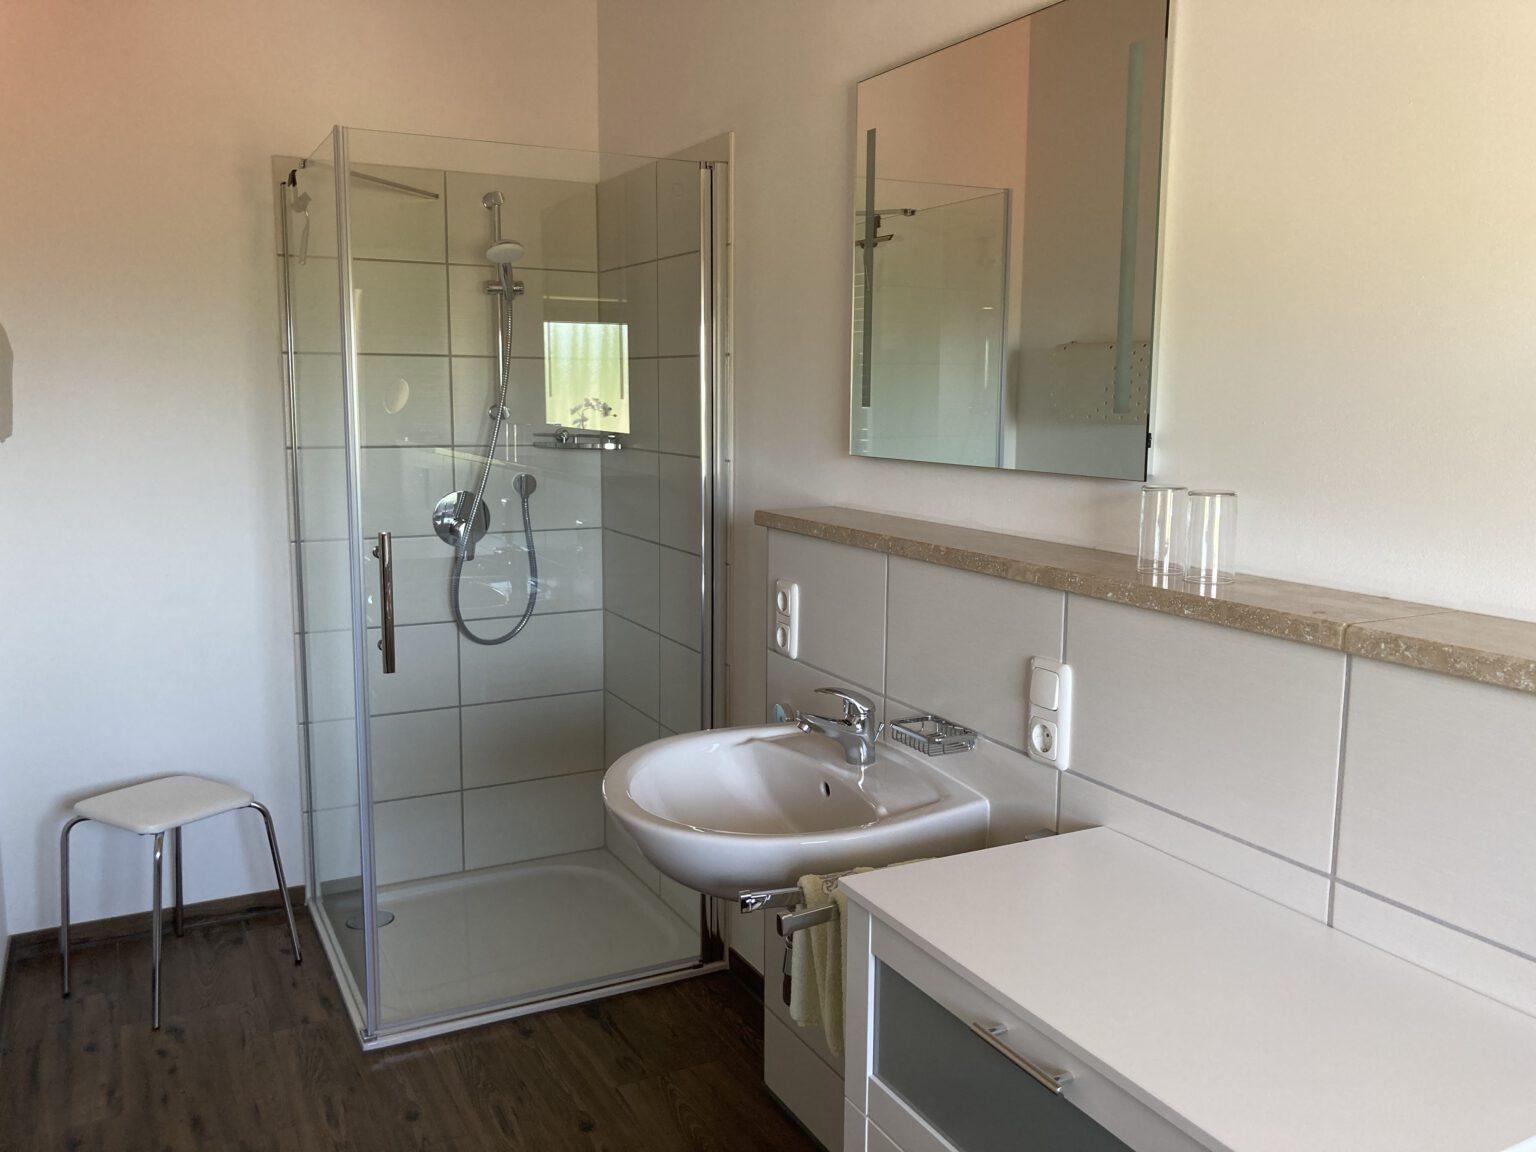 Bad mit Dusche in Ferienwohnung 1, Ferienwohnungen Sankt Englmar